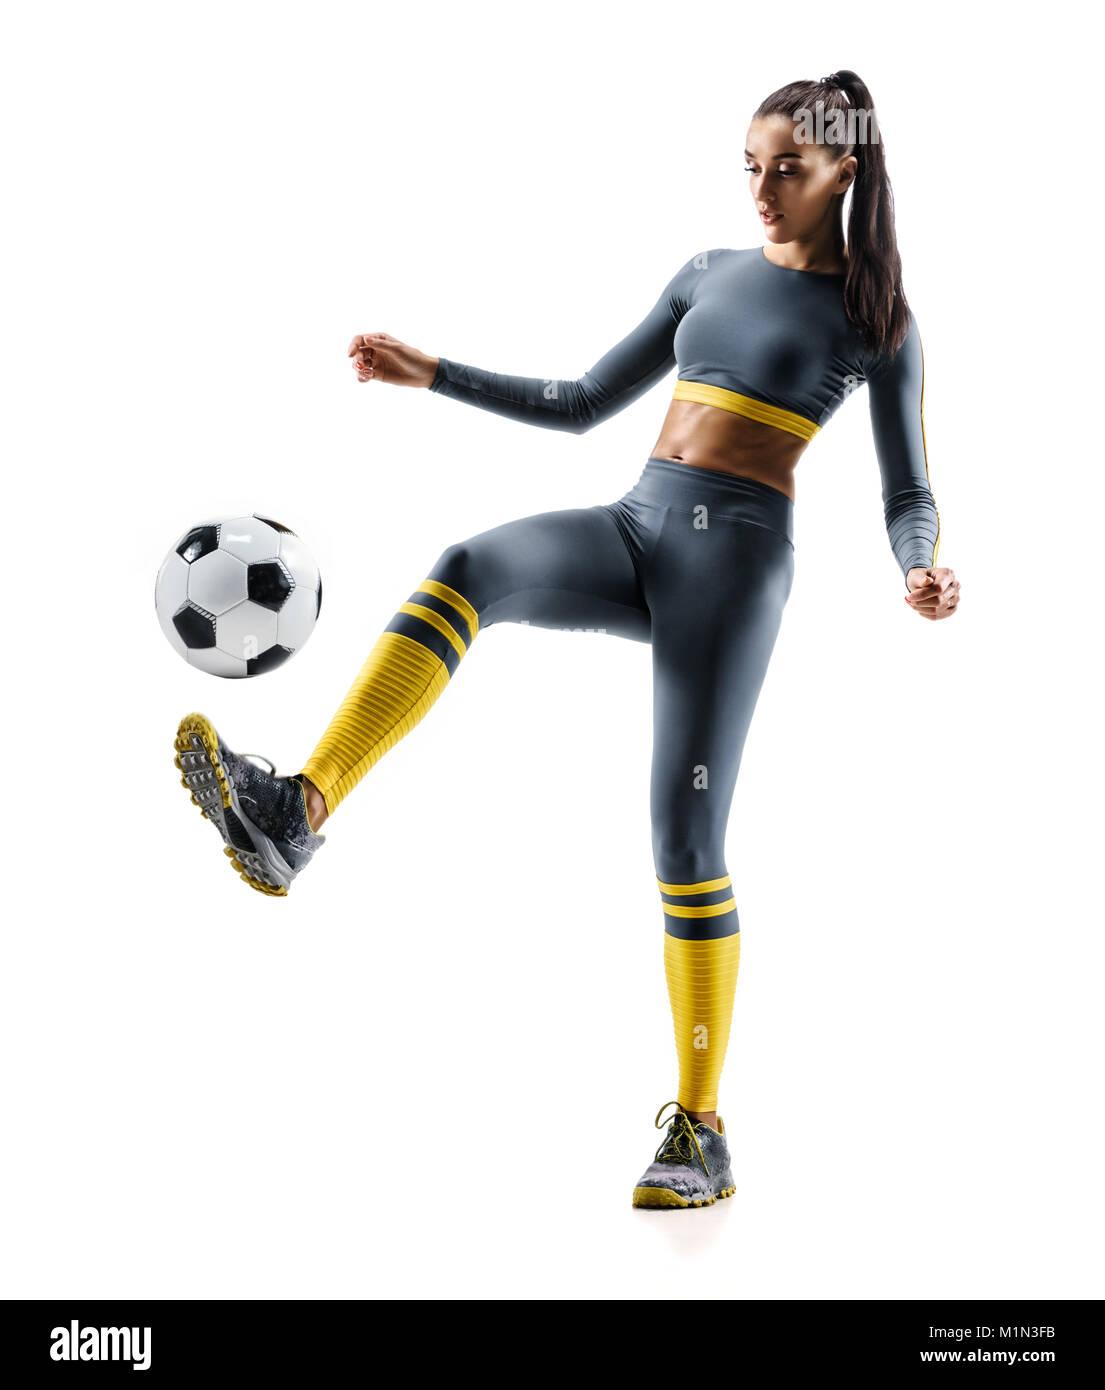 Jugador de fútbol en acción. Foto de mujer deportiva en ropa deportiva  aislado fondo blanco. Movimiento dinámico. d322417bbd4d4